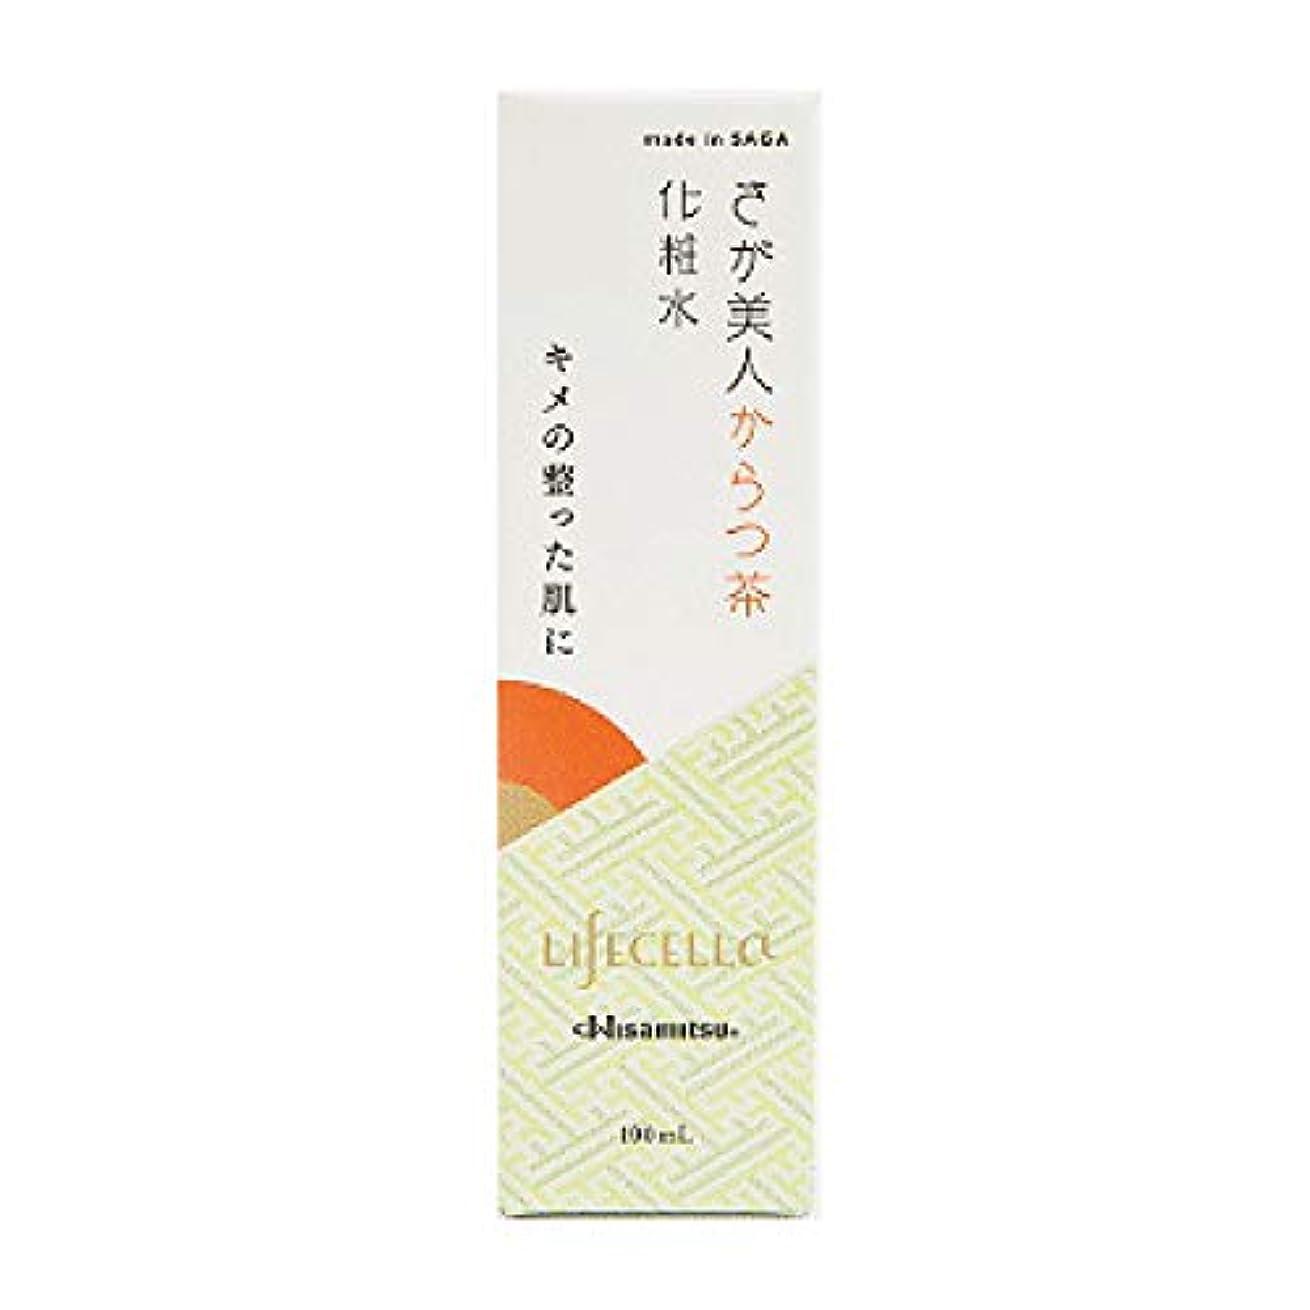 お金想定する健康的さが美人 化粧水 (からつ茶) 久光製薬 ご当地 コスメ 保湿